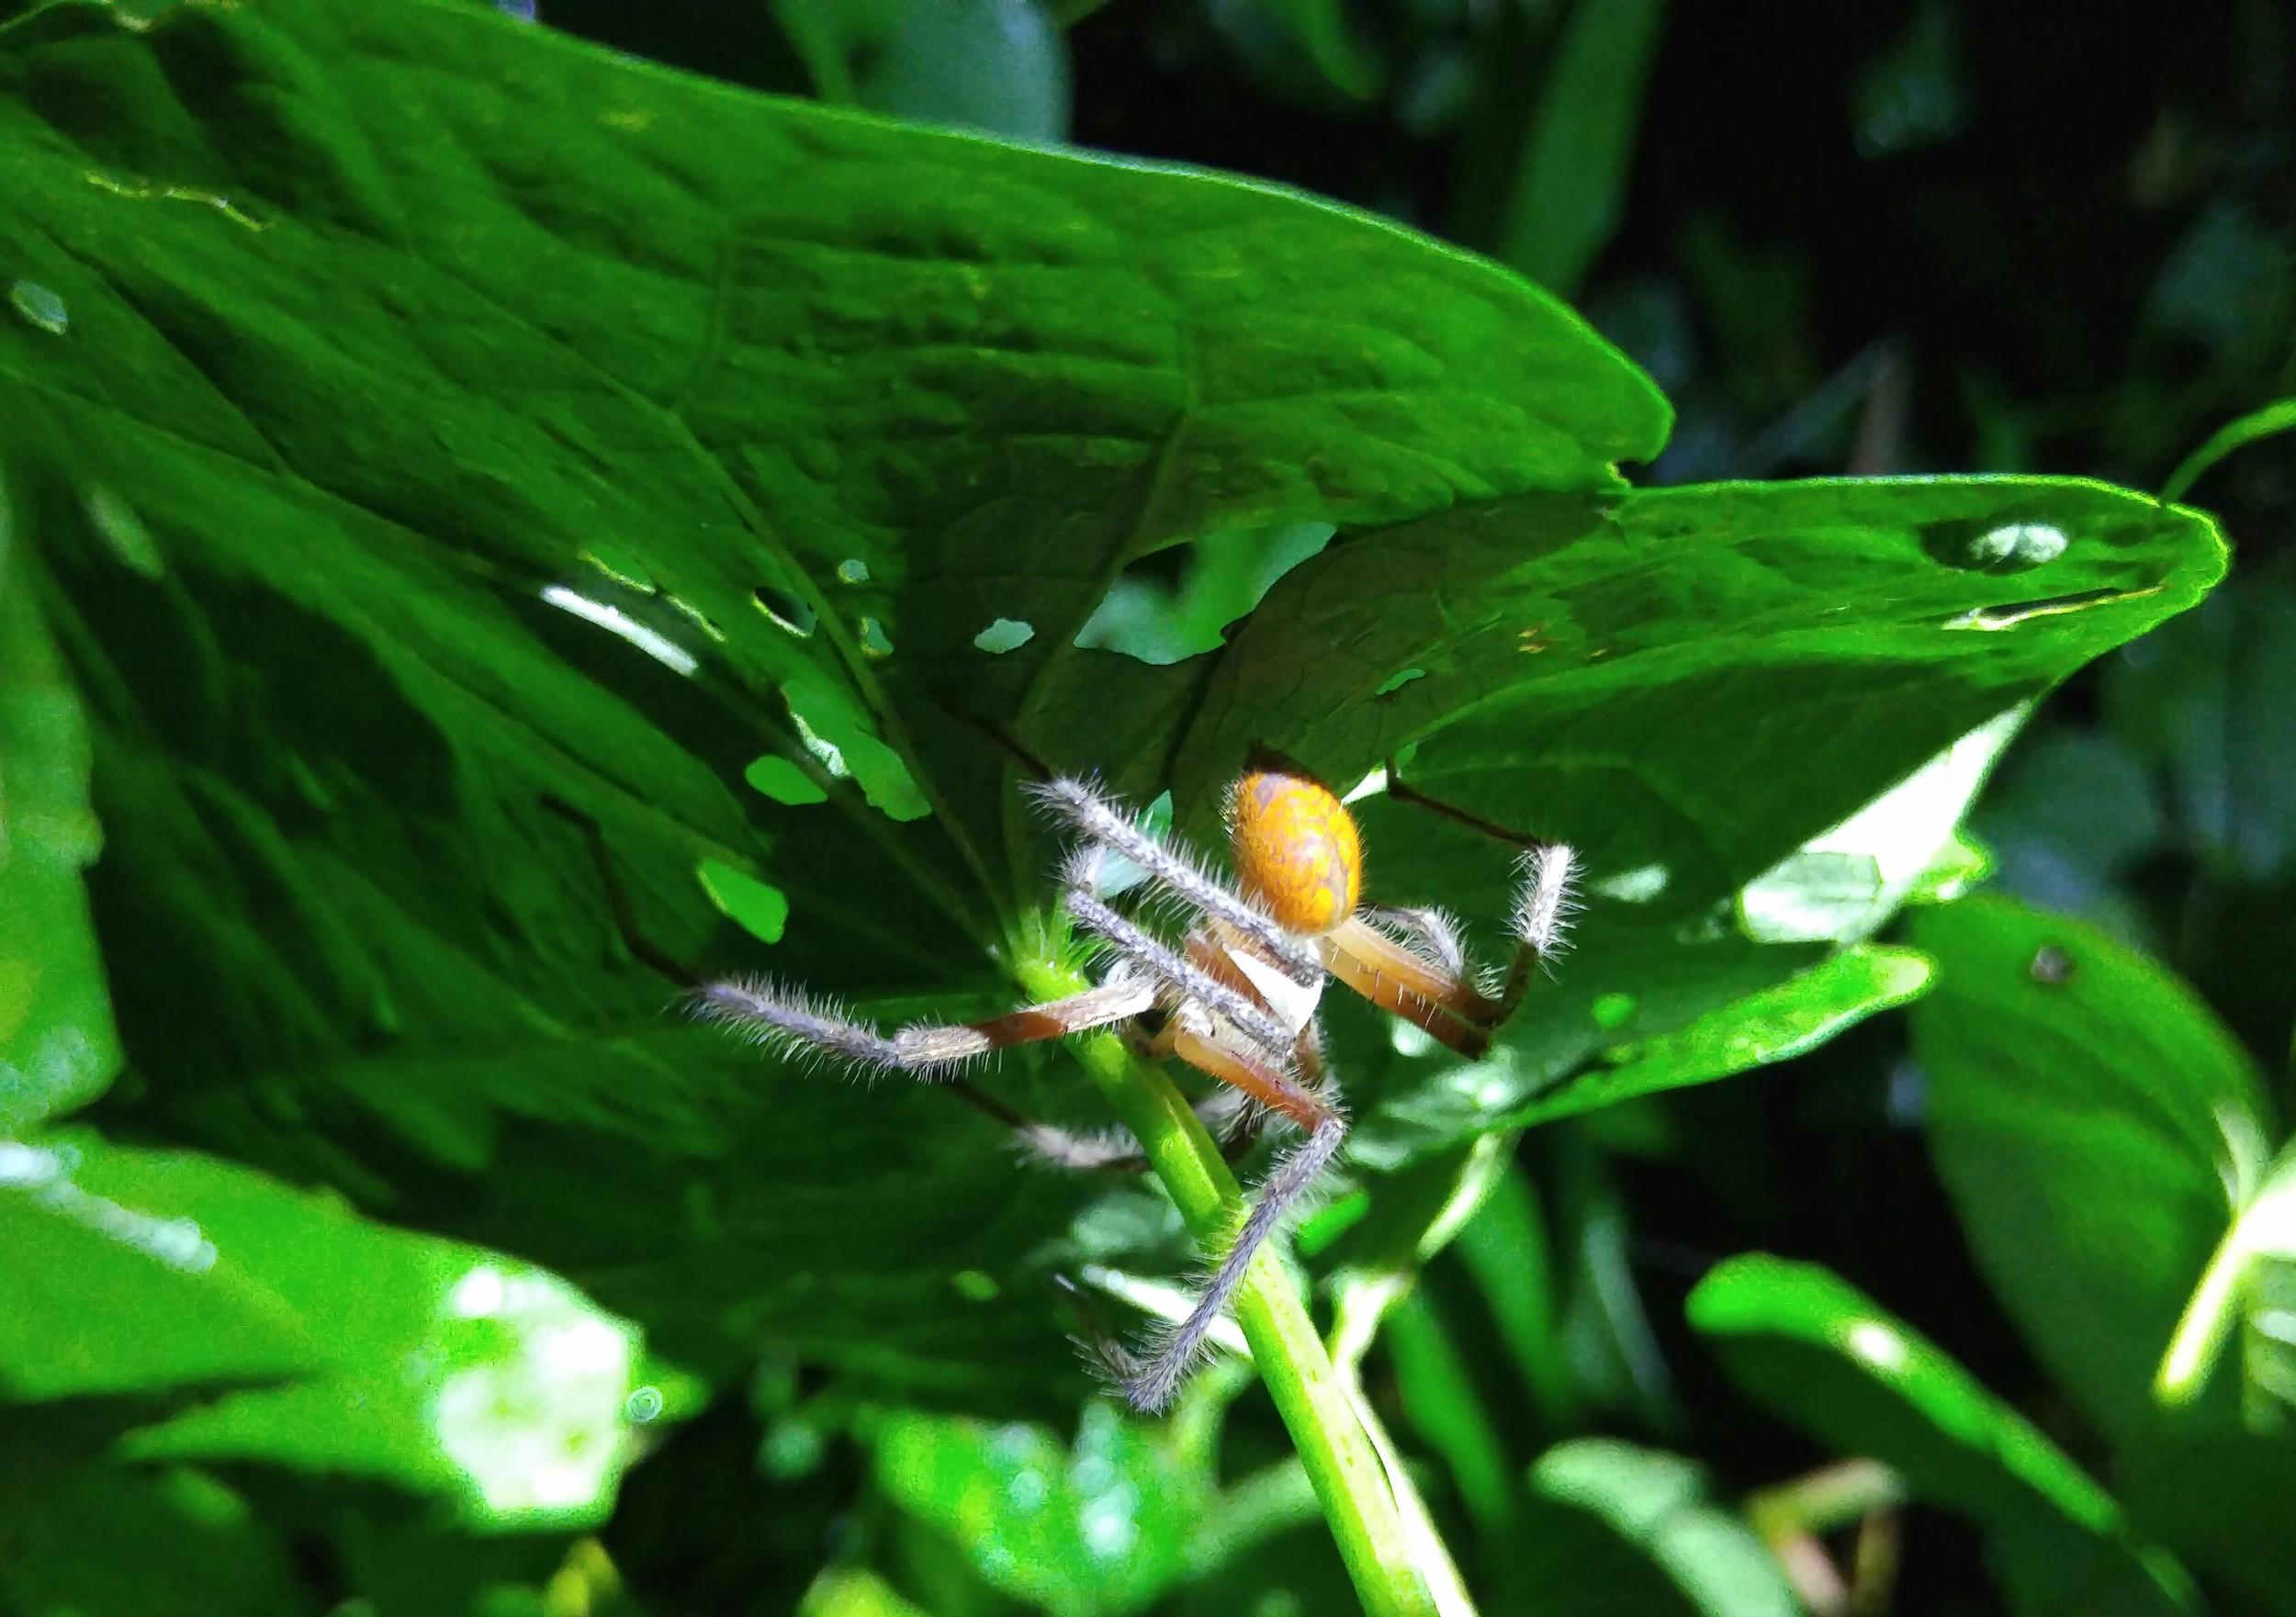 Arboreal spider